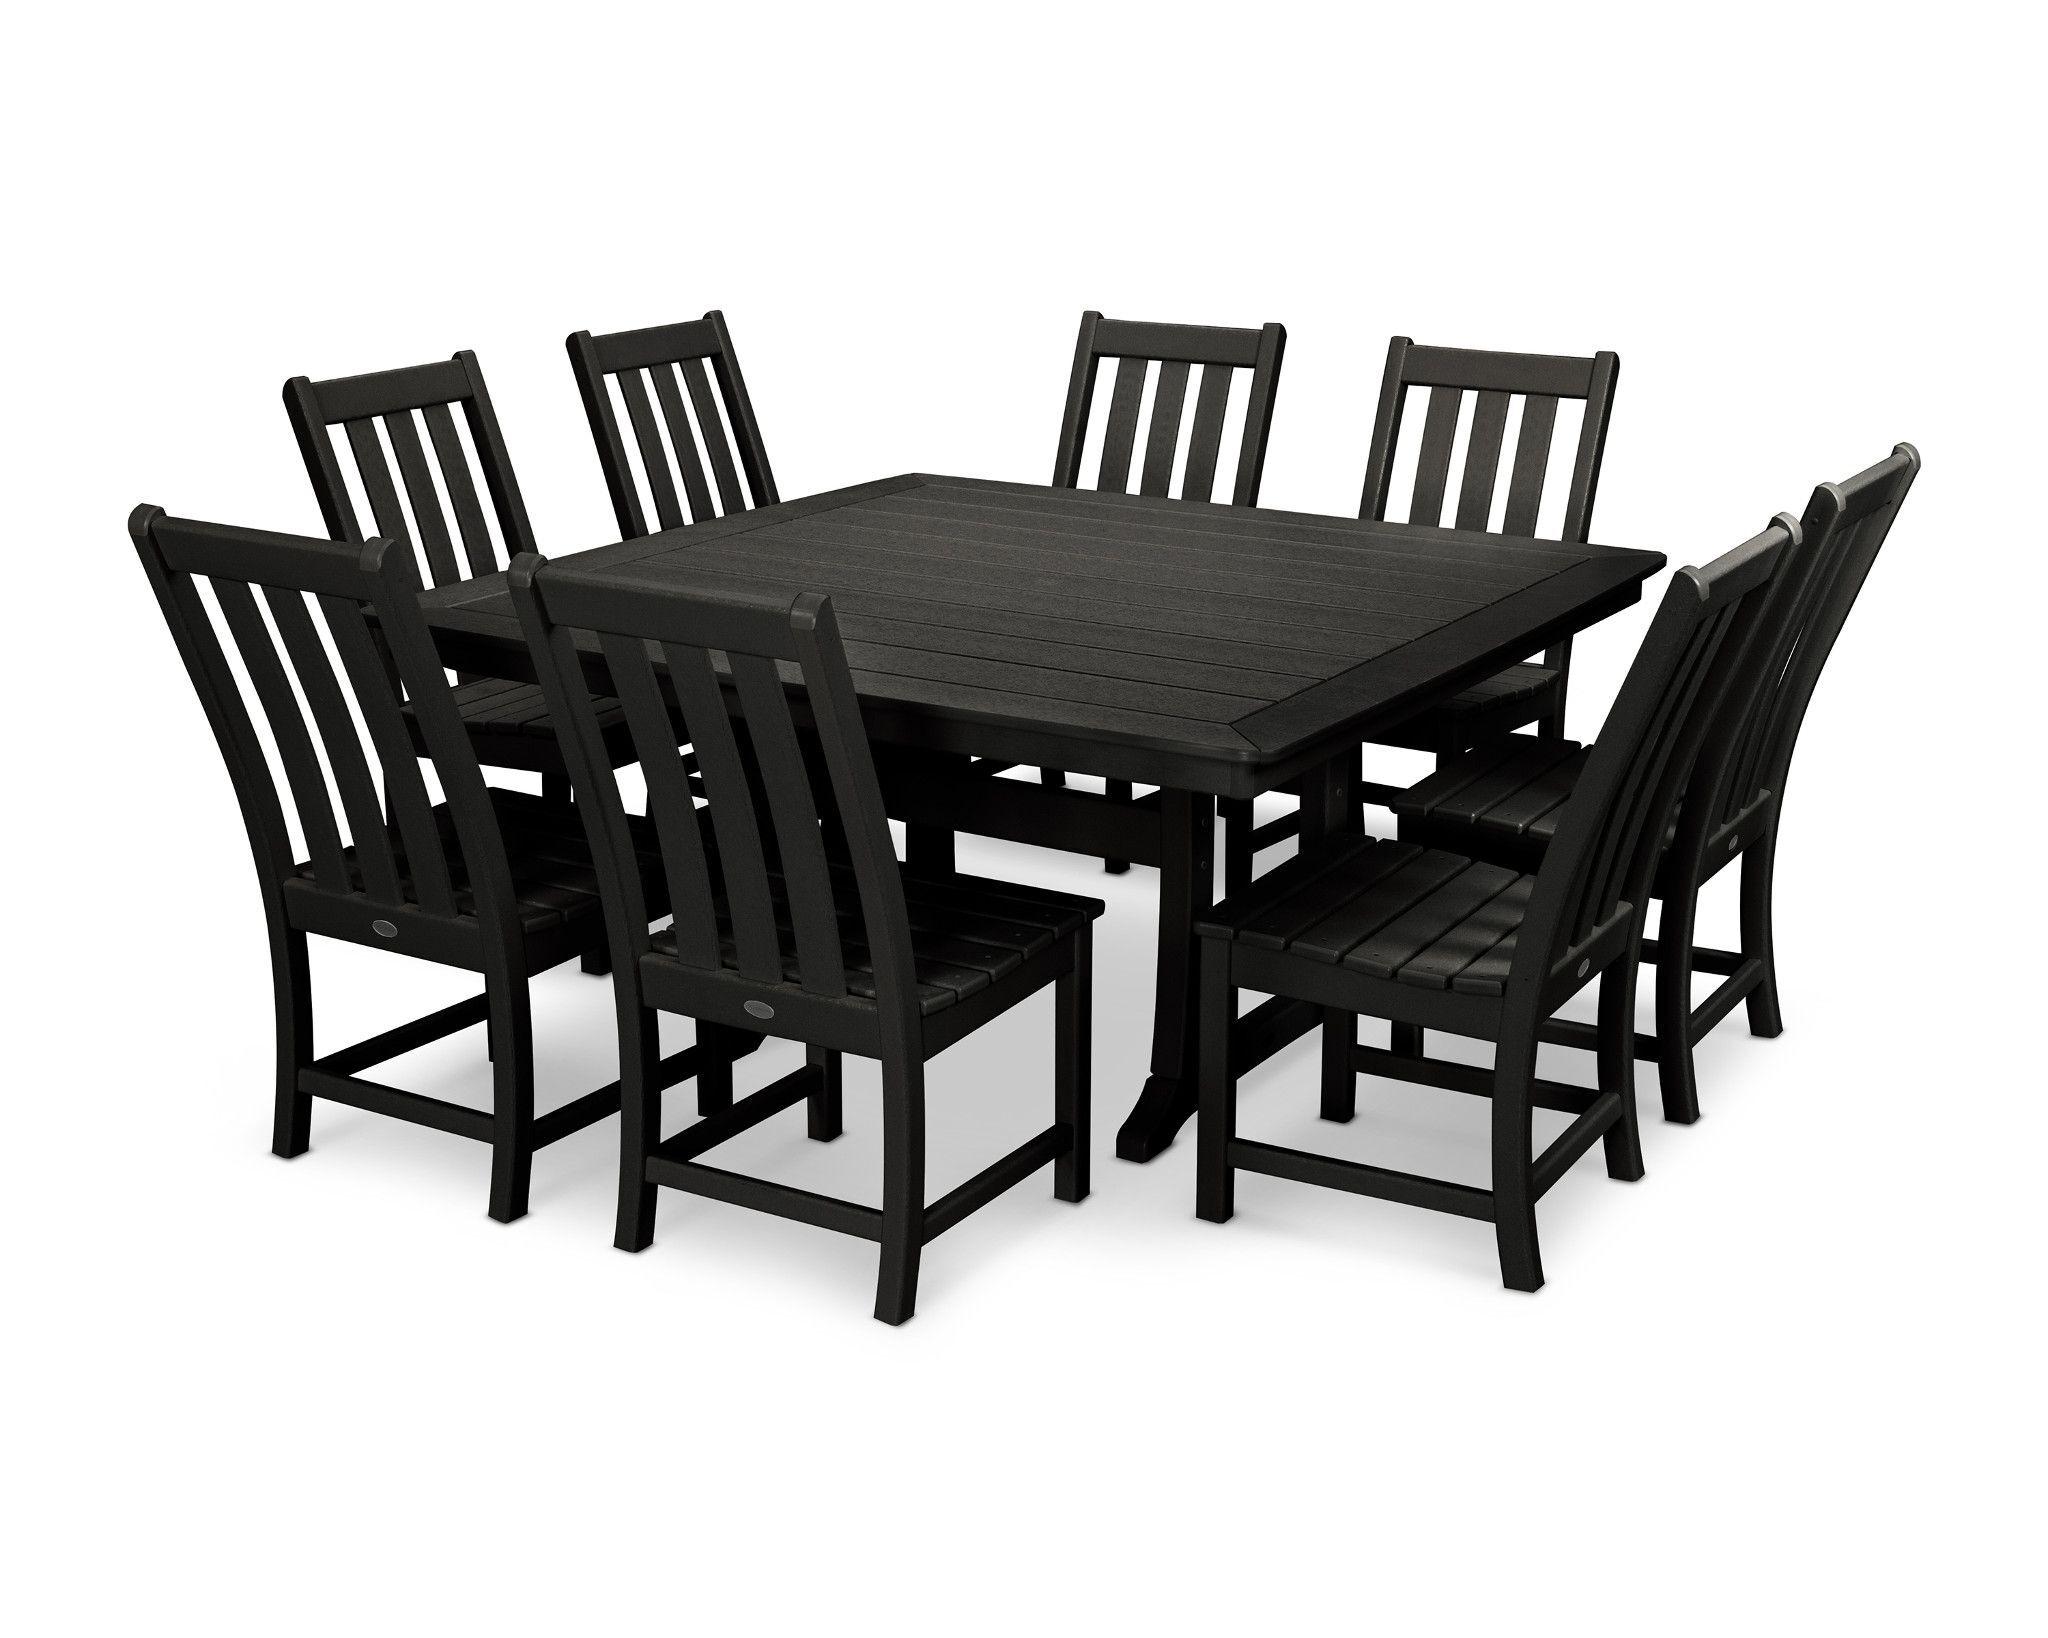 Vineyard 9 Piece Dining Set Color: Black